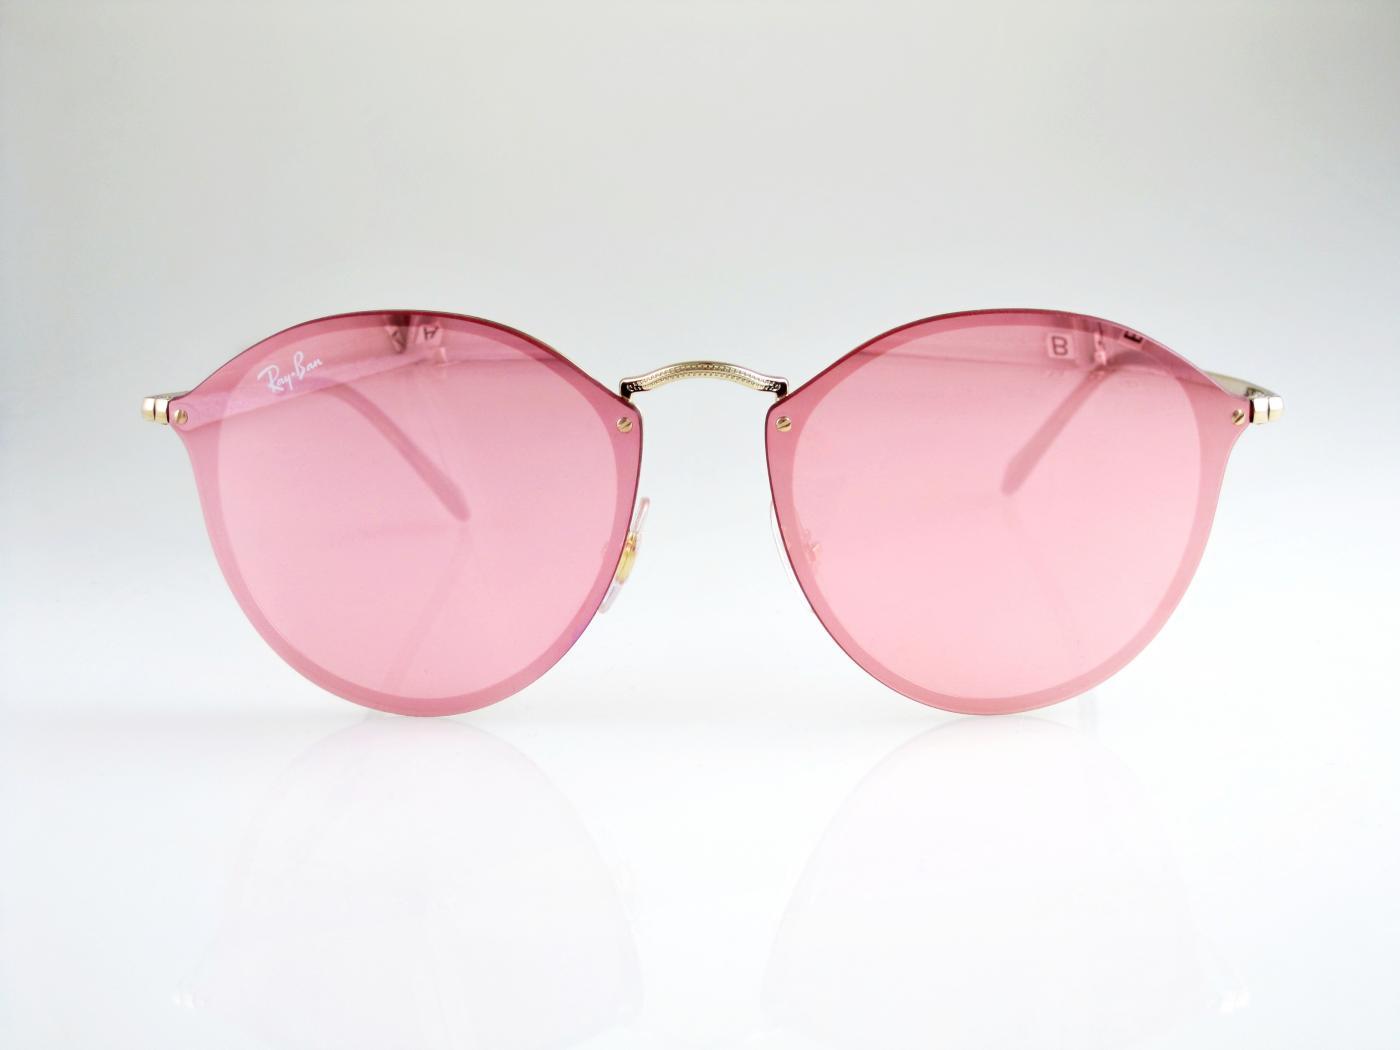 9bbbb7138 Dámske slnečné okuliare Ray Ban - Blaze Round | oftalens.sk